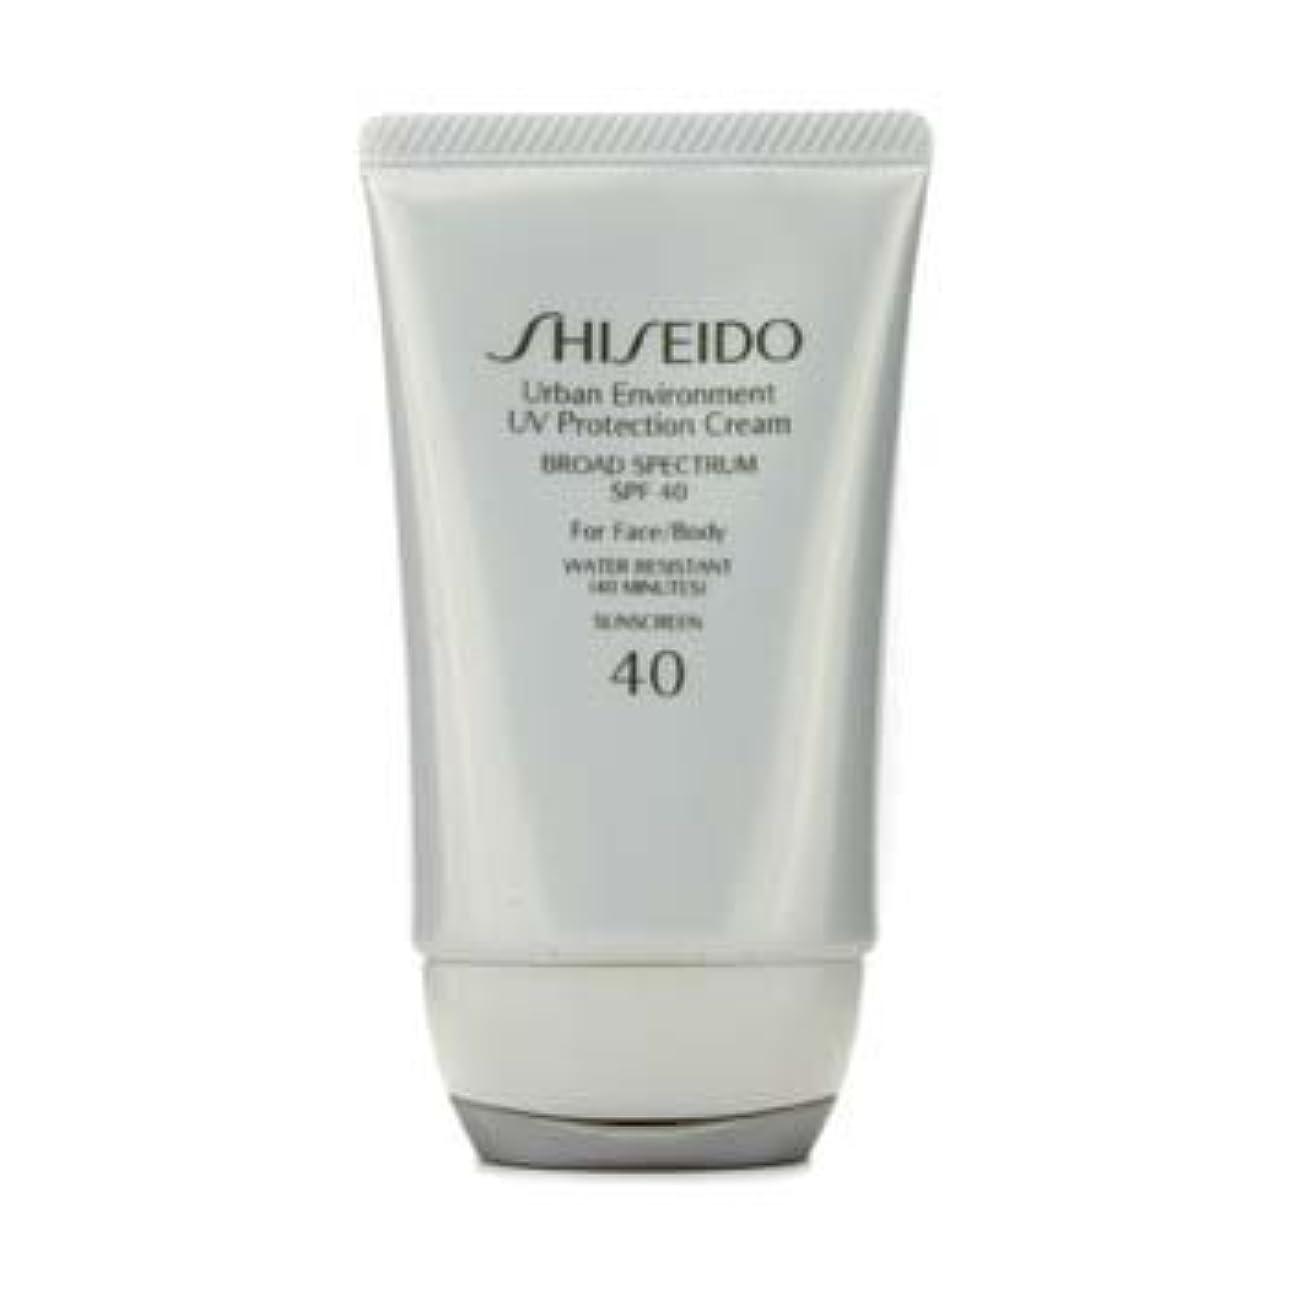 売る素朴な受信機Shiseido Urban Environment UV Protection Cream SPF 40 (For Face & Body) - 50ml/1.9oz by Shiseido [並行輸入品]